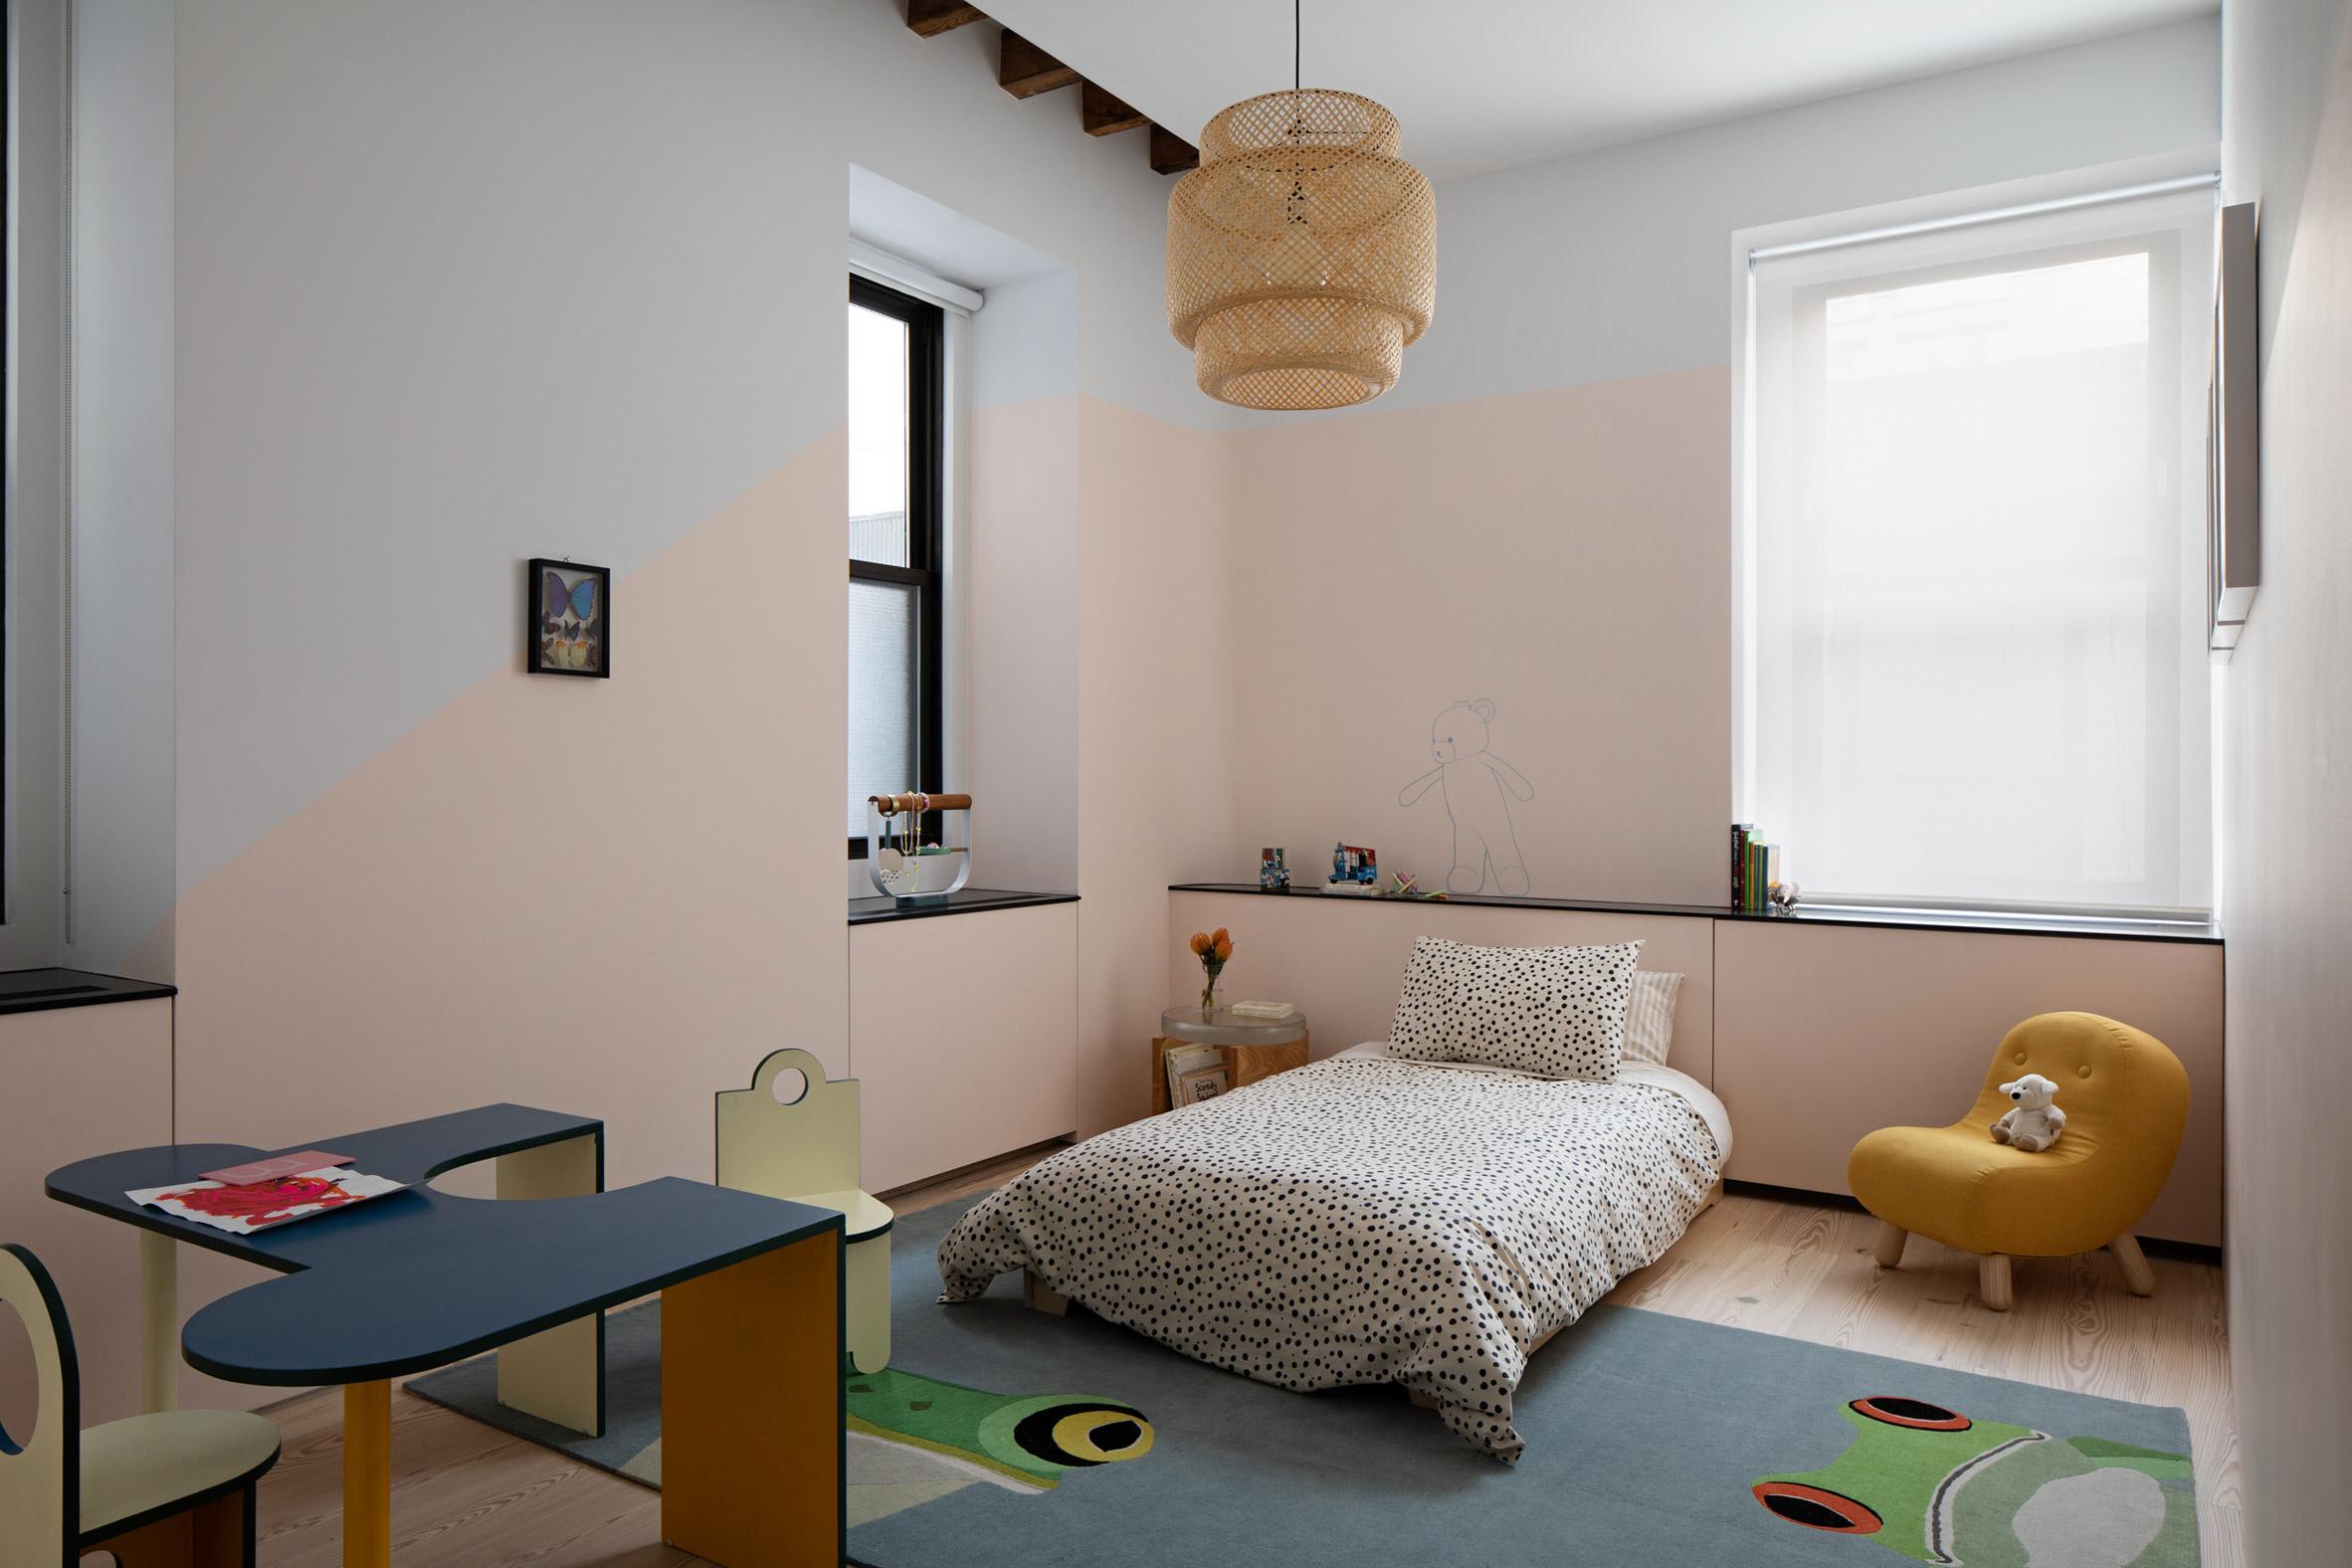 Kết hợp Gỗ và Đá Cẩm Thạch trong thiết kế kiến trúc nội thất 12